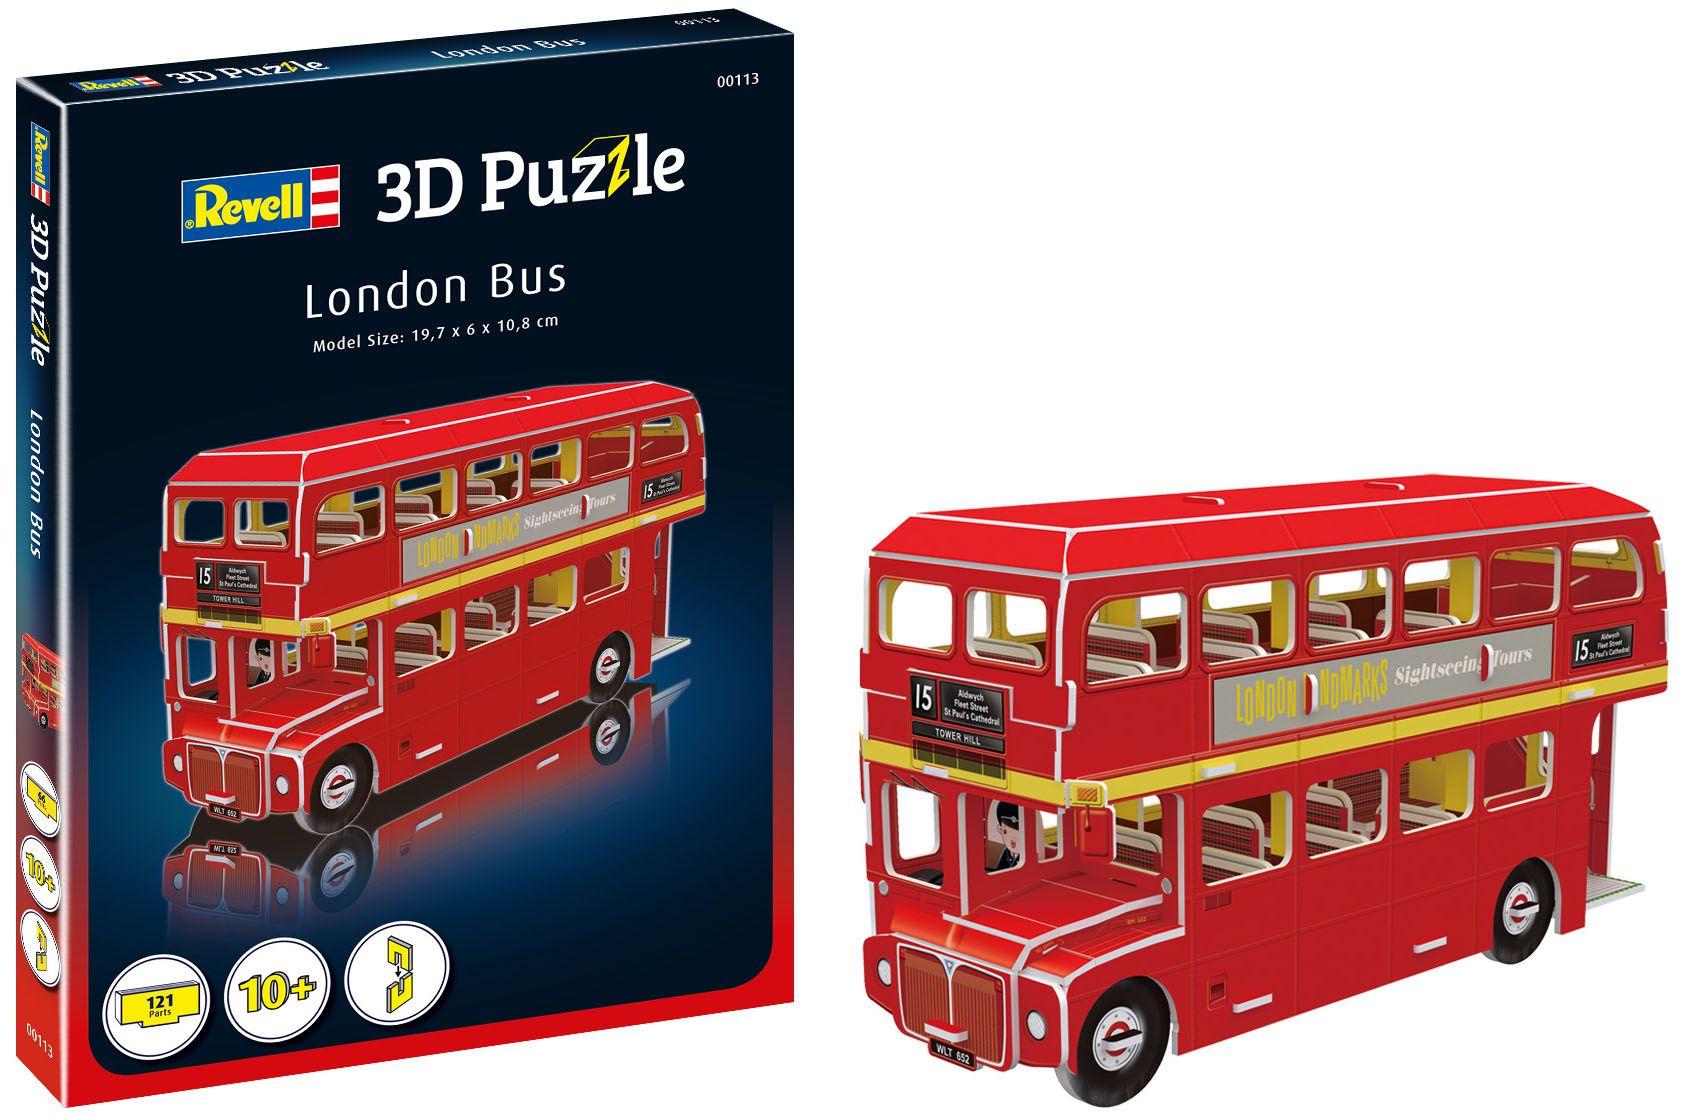 Quebra-cabeça 3D (3D Puzzle) Ônibus de Londres - Revell 00113  - BLIMPS COMÉRCIO ELETRÔNICO